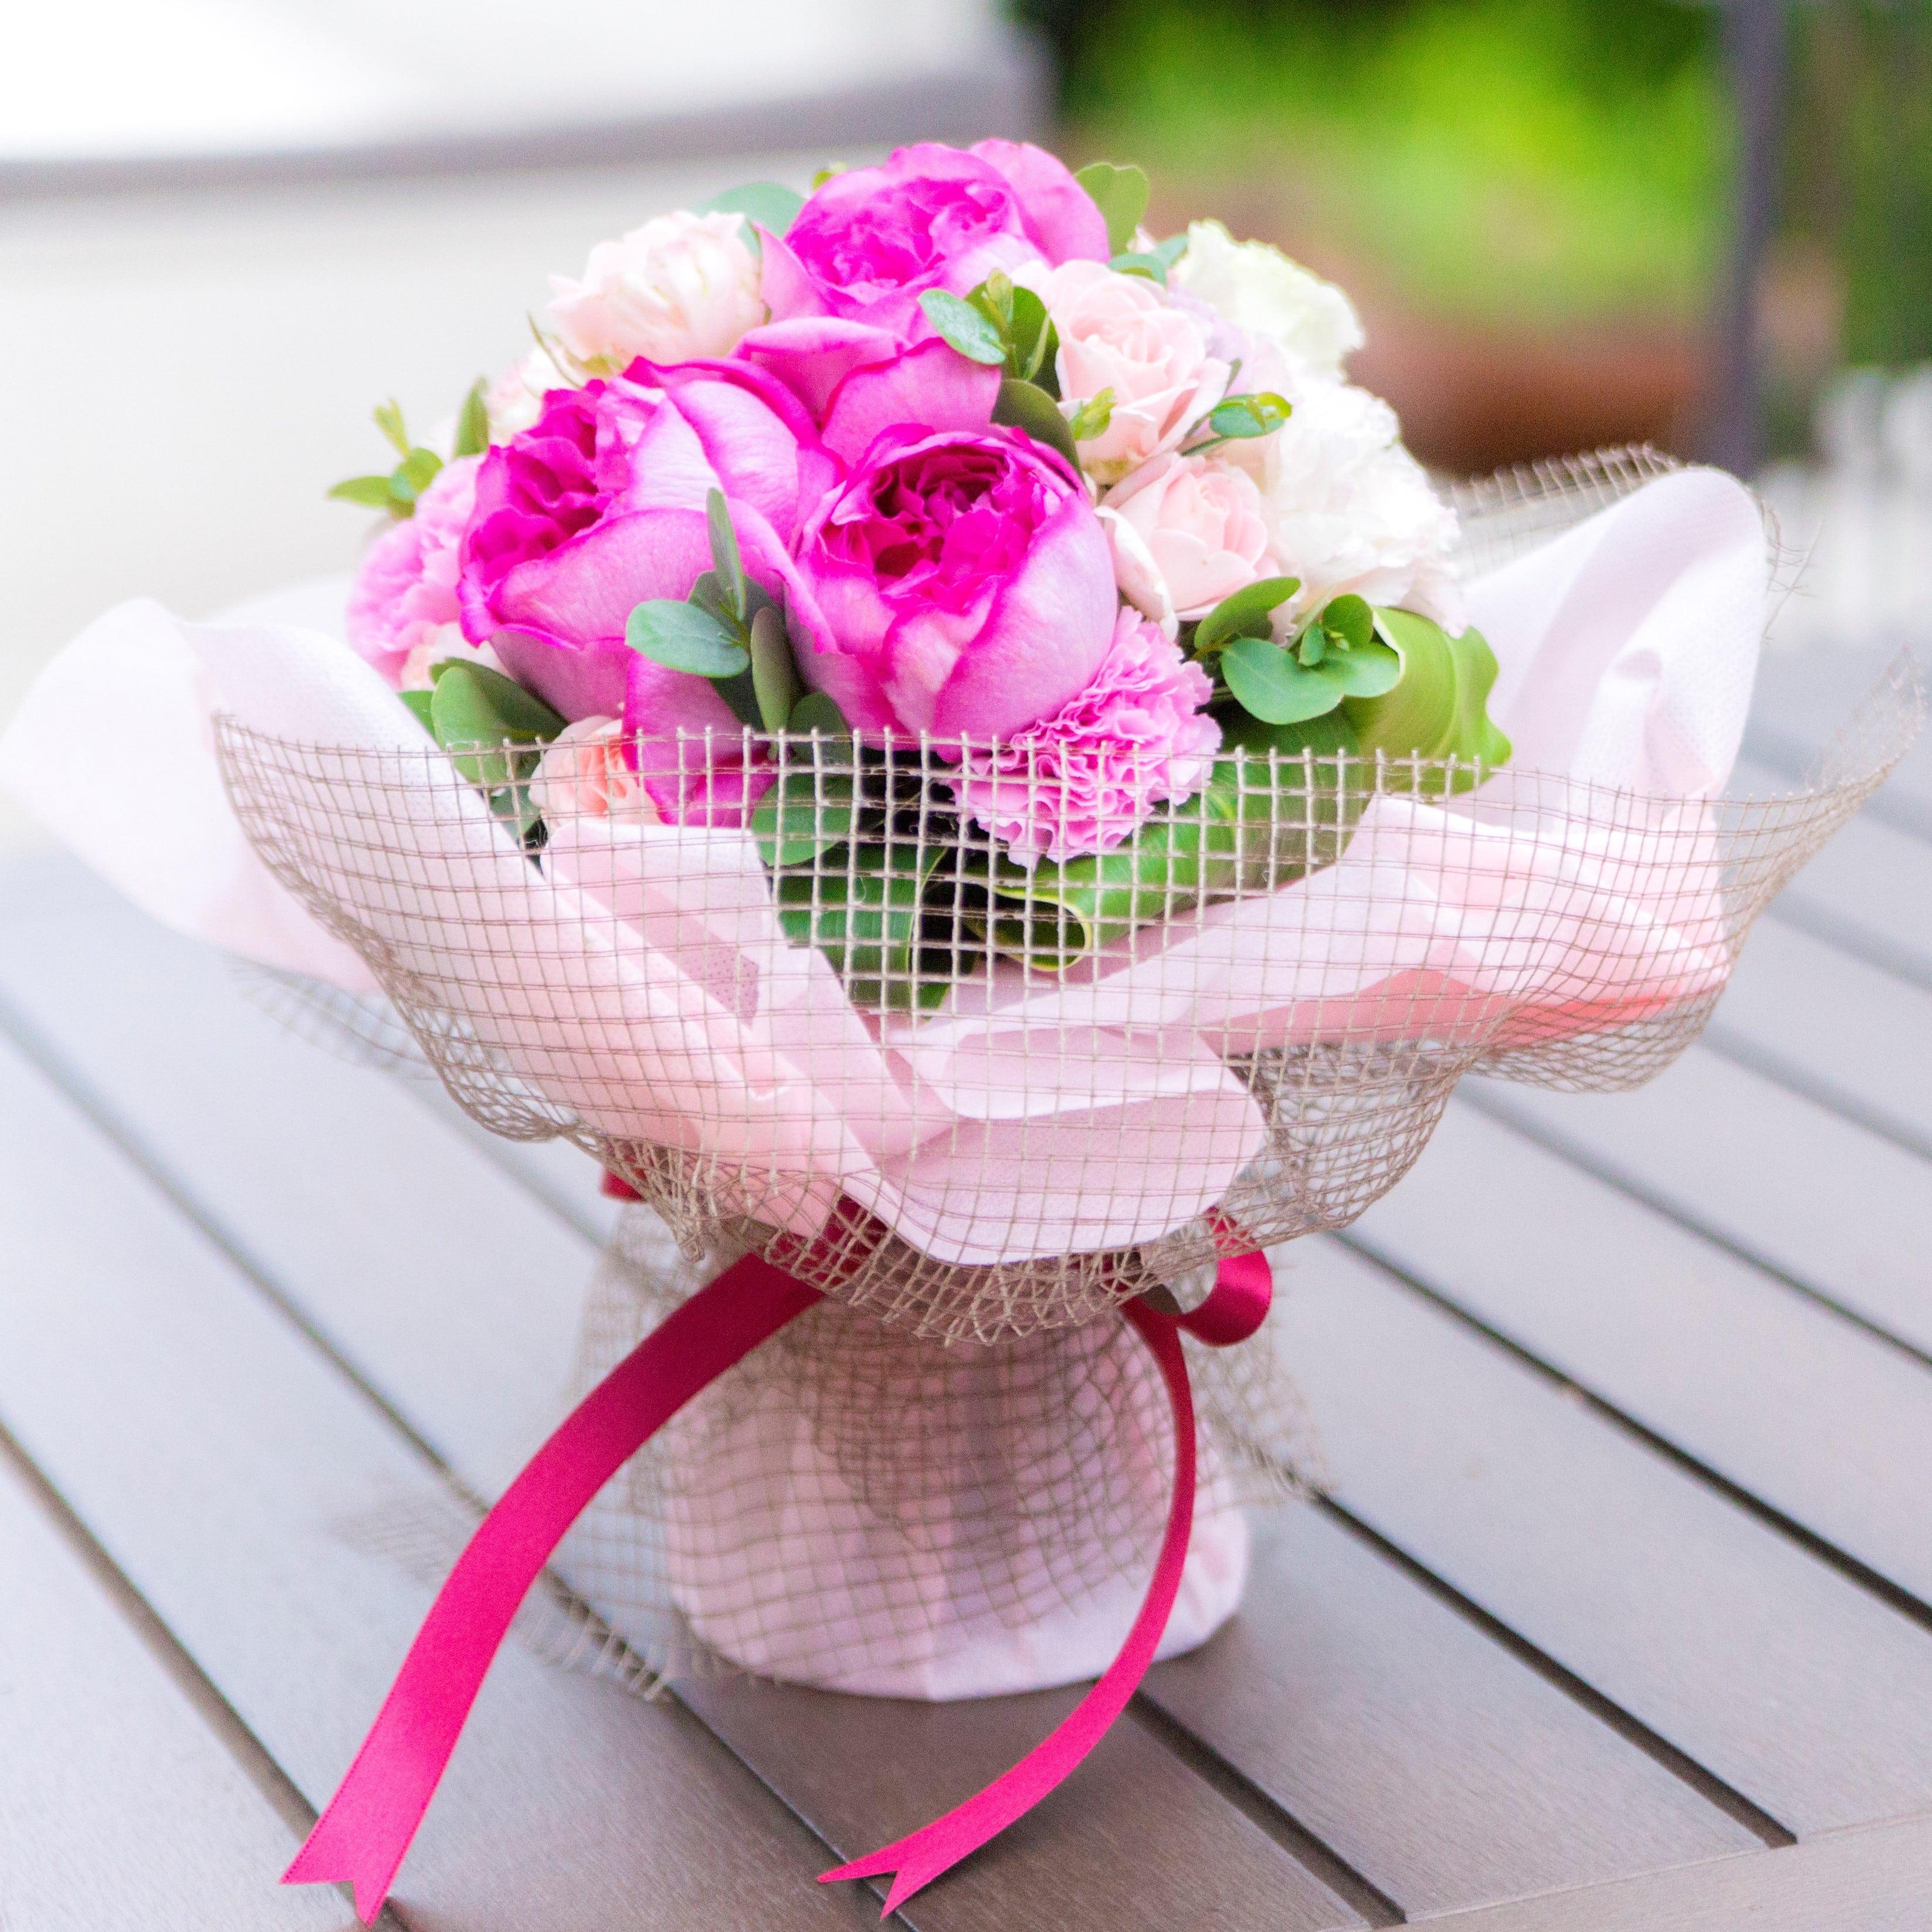 誕生日プレゼントにおすすめのよい香りの薔薇を使った花束